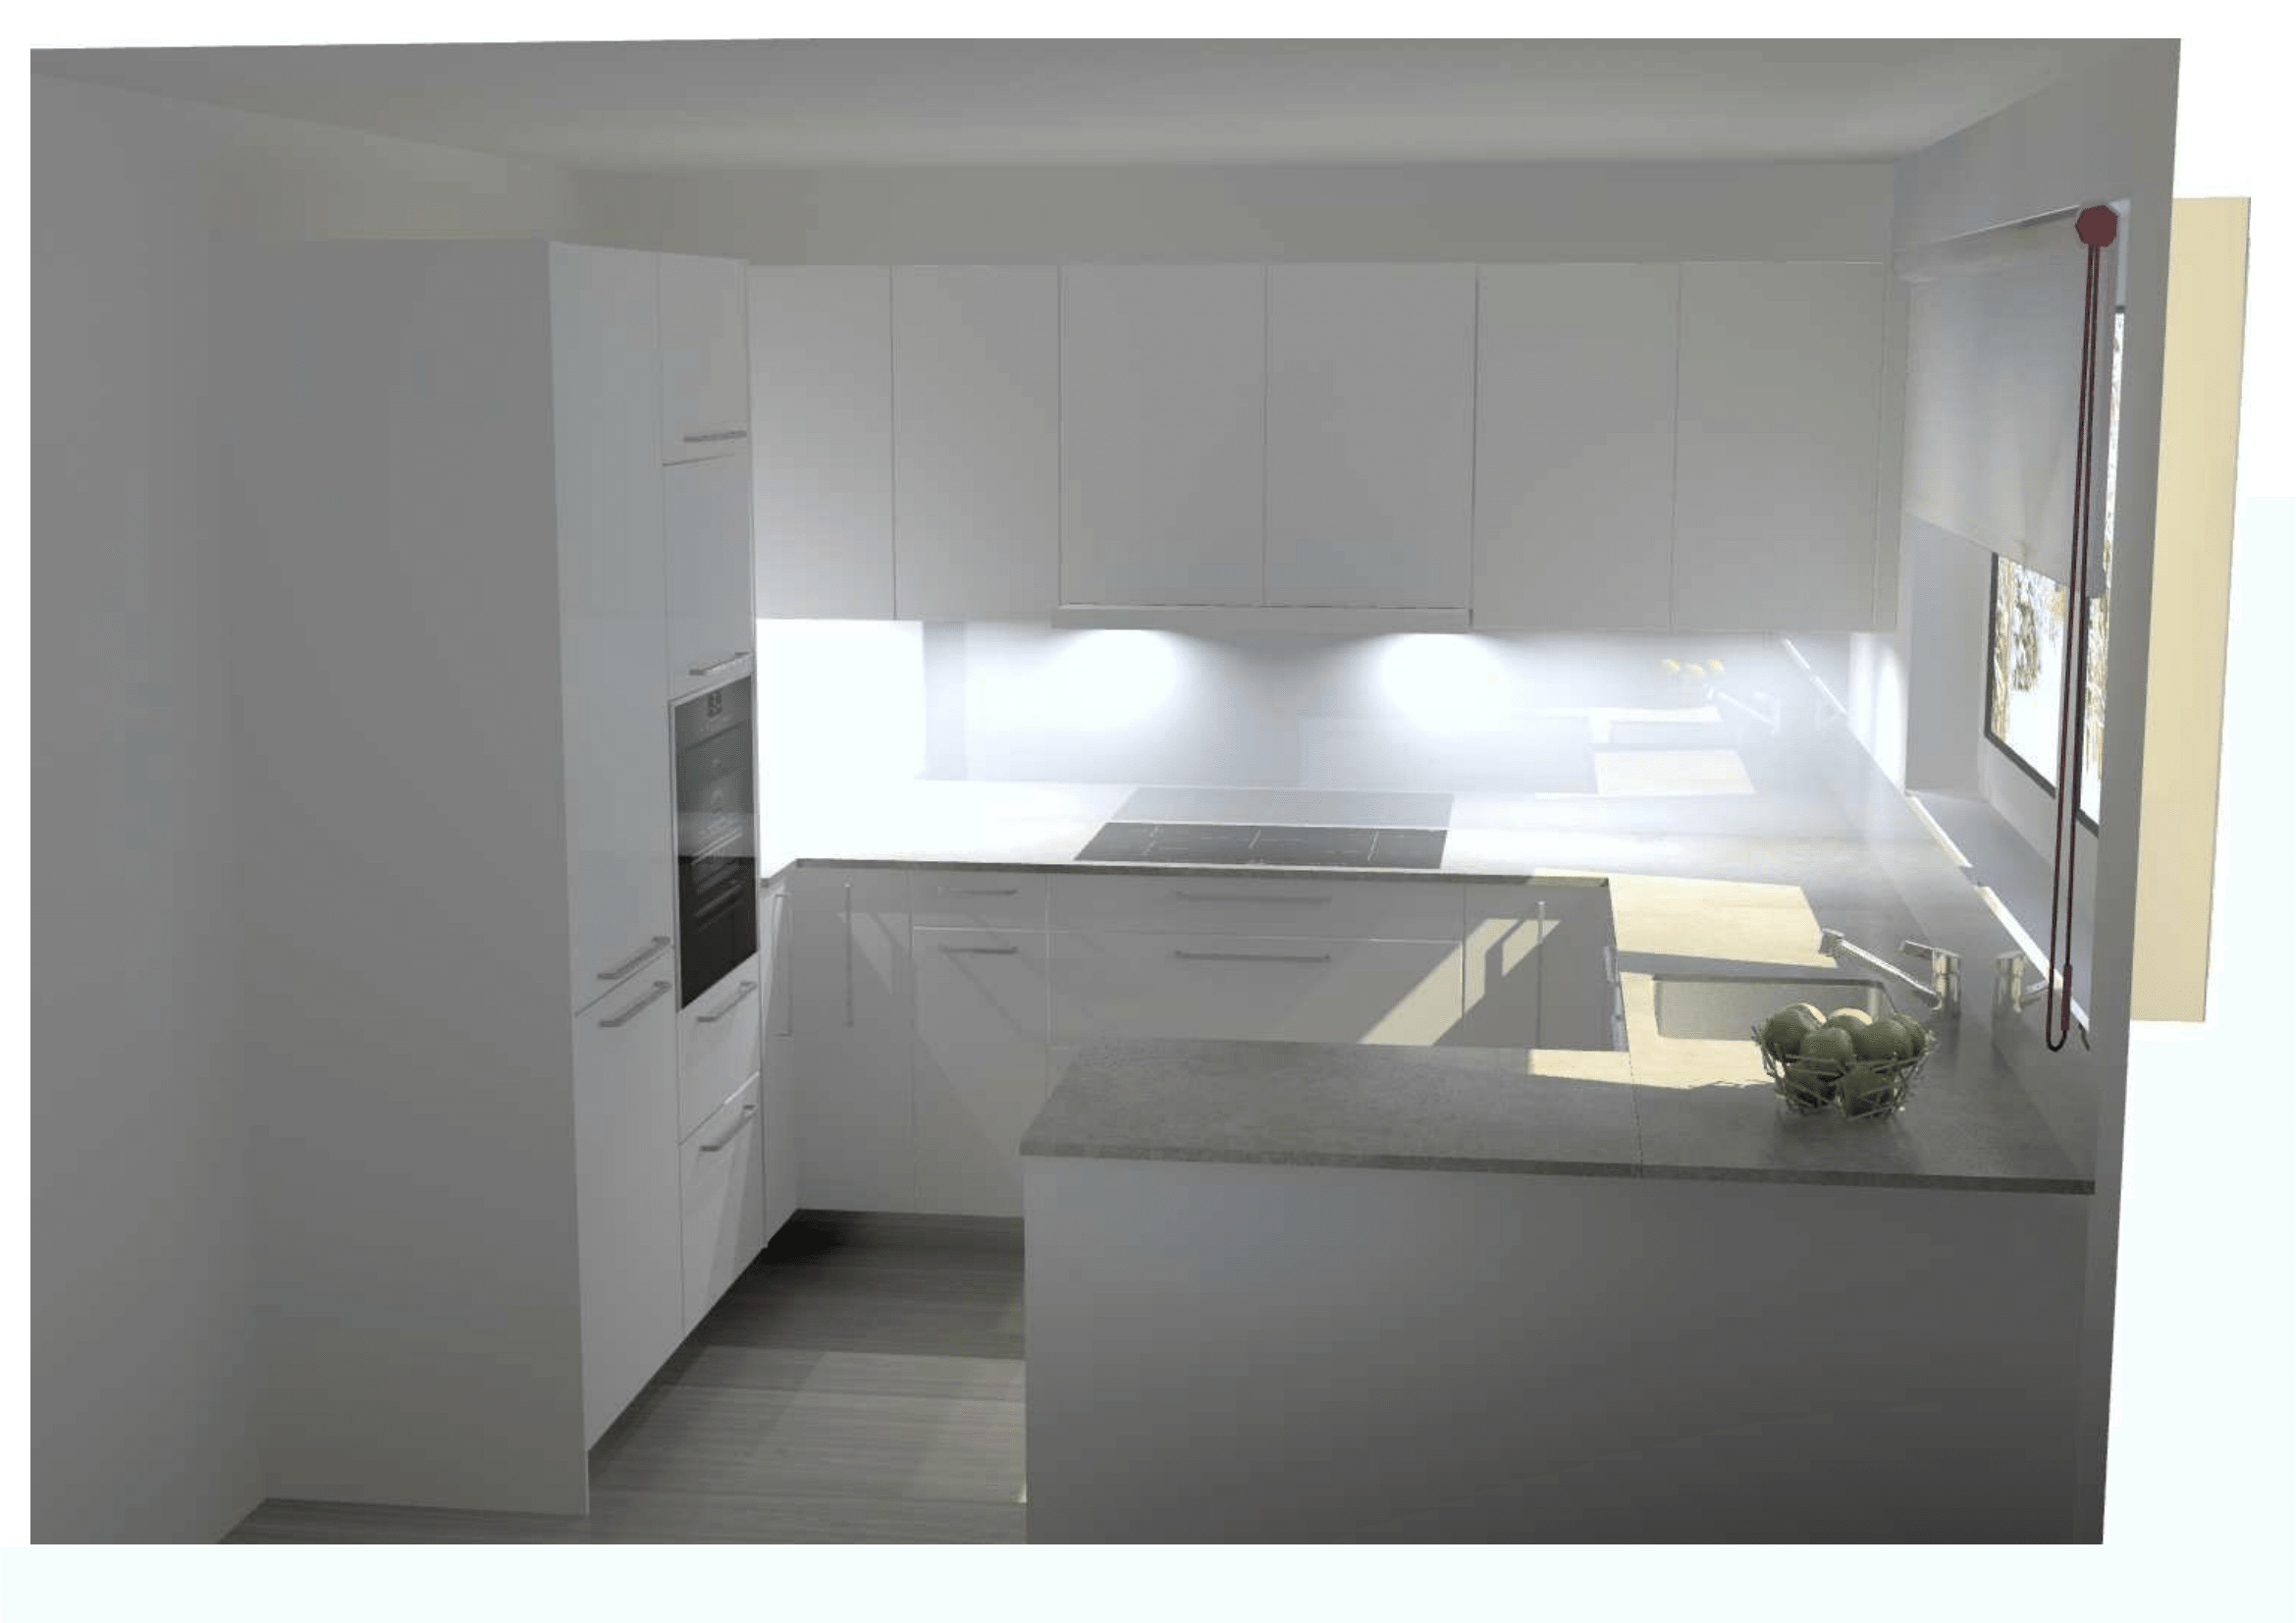 Full Size of Kleine Küche U Form Küche U Form Gebraucht Küche U Form Mit Tisch Küche U Form Dachschräge Küche Küche U Form